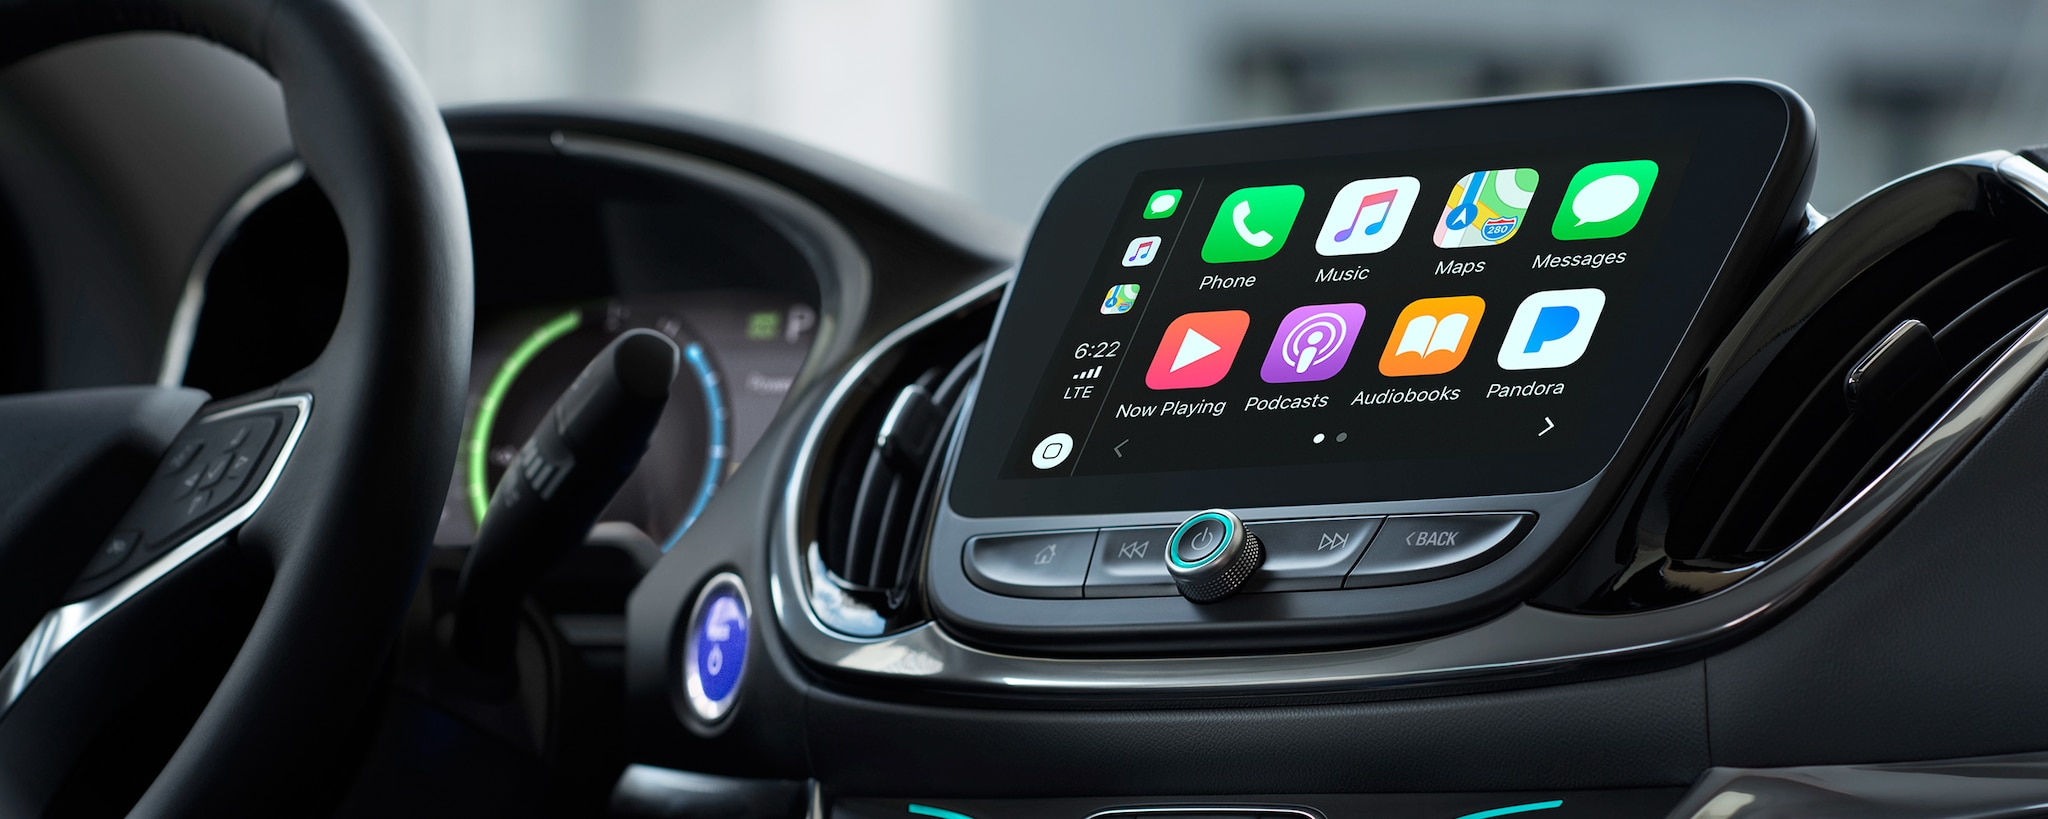 Tecnología del híbrido para enchufar Volt 2019: Apple CarPlay